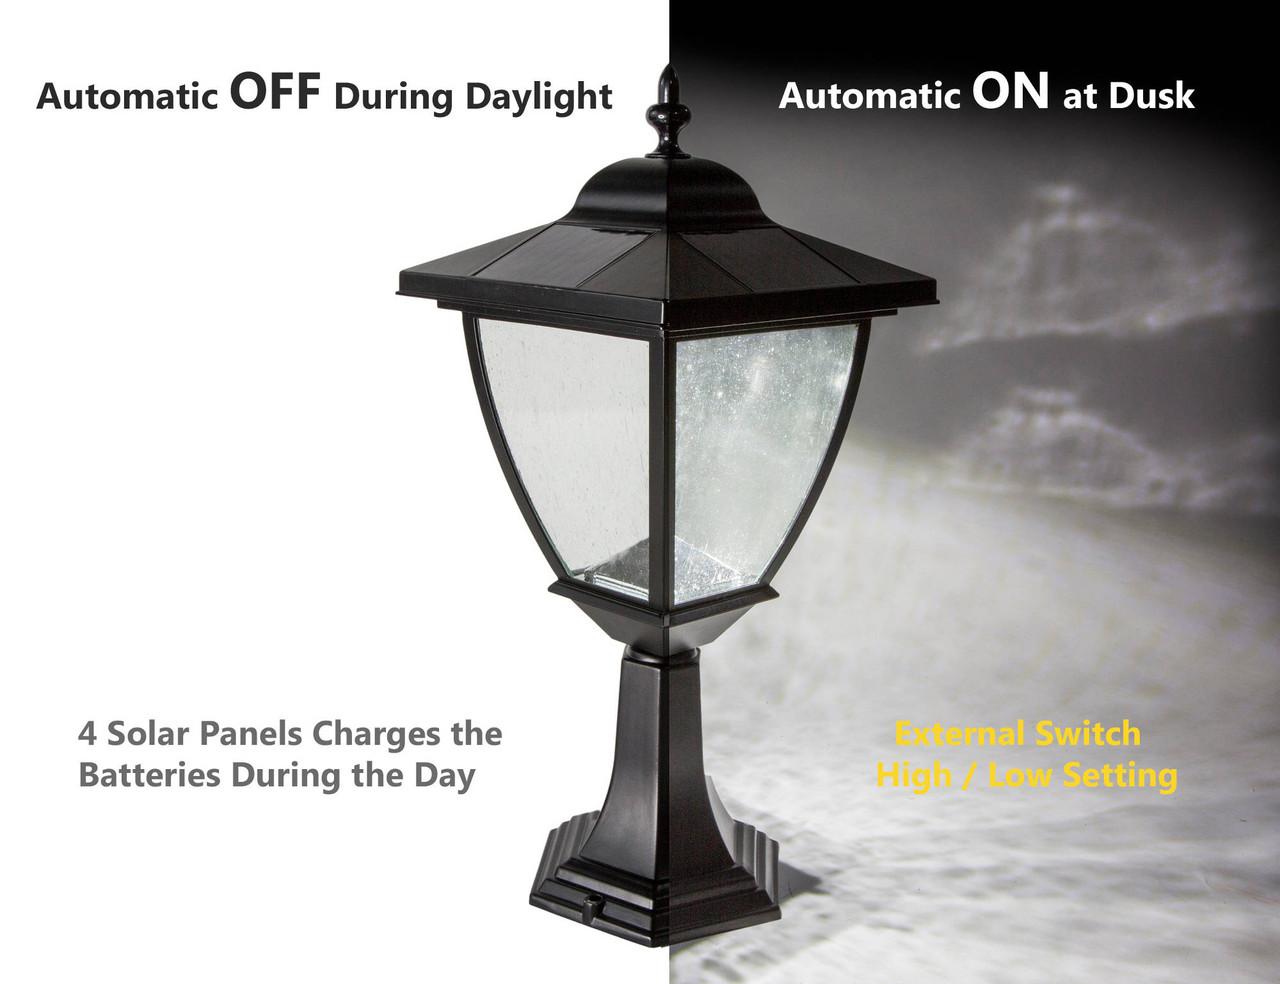 Classy Caps Elegante Black Aluminum Solar Lamp Automatic On / Off Feature